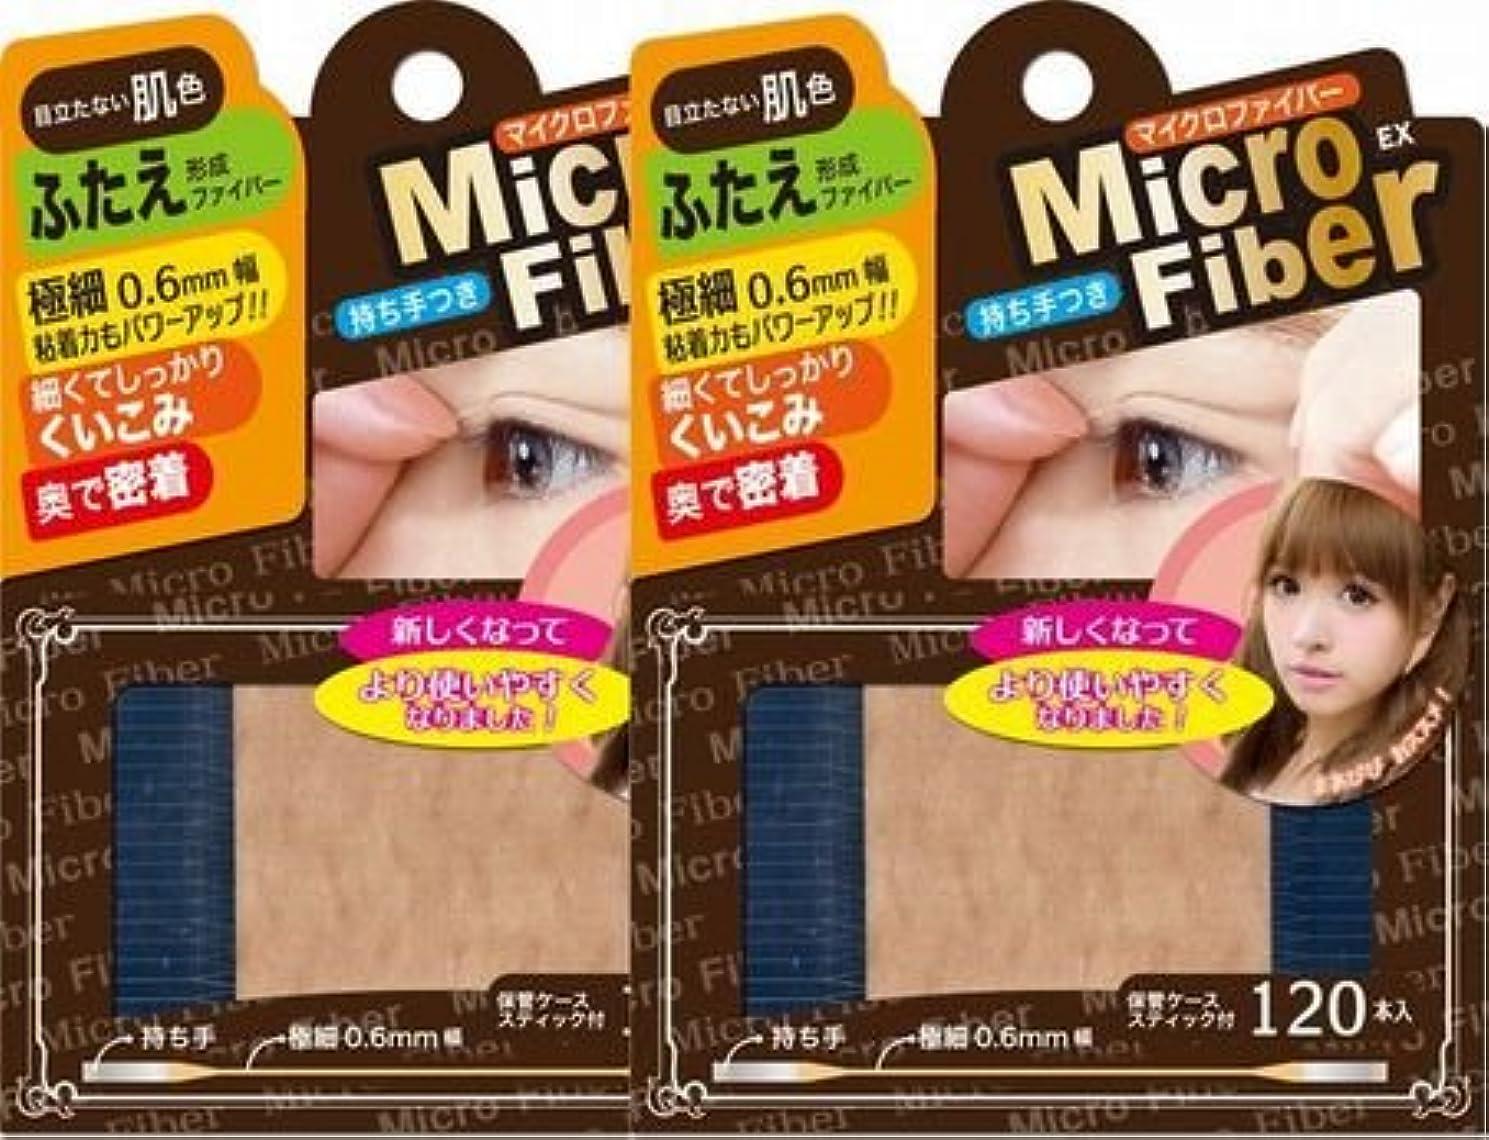 試みる俳優軽減するビーエヌ マイクロファイバーEX ヌーディ(肌色) 120本 NMC-02 2個セット (2)